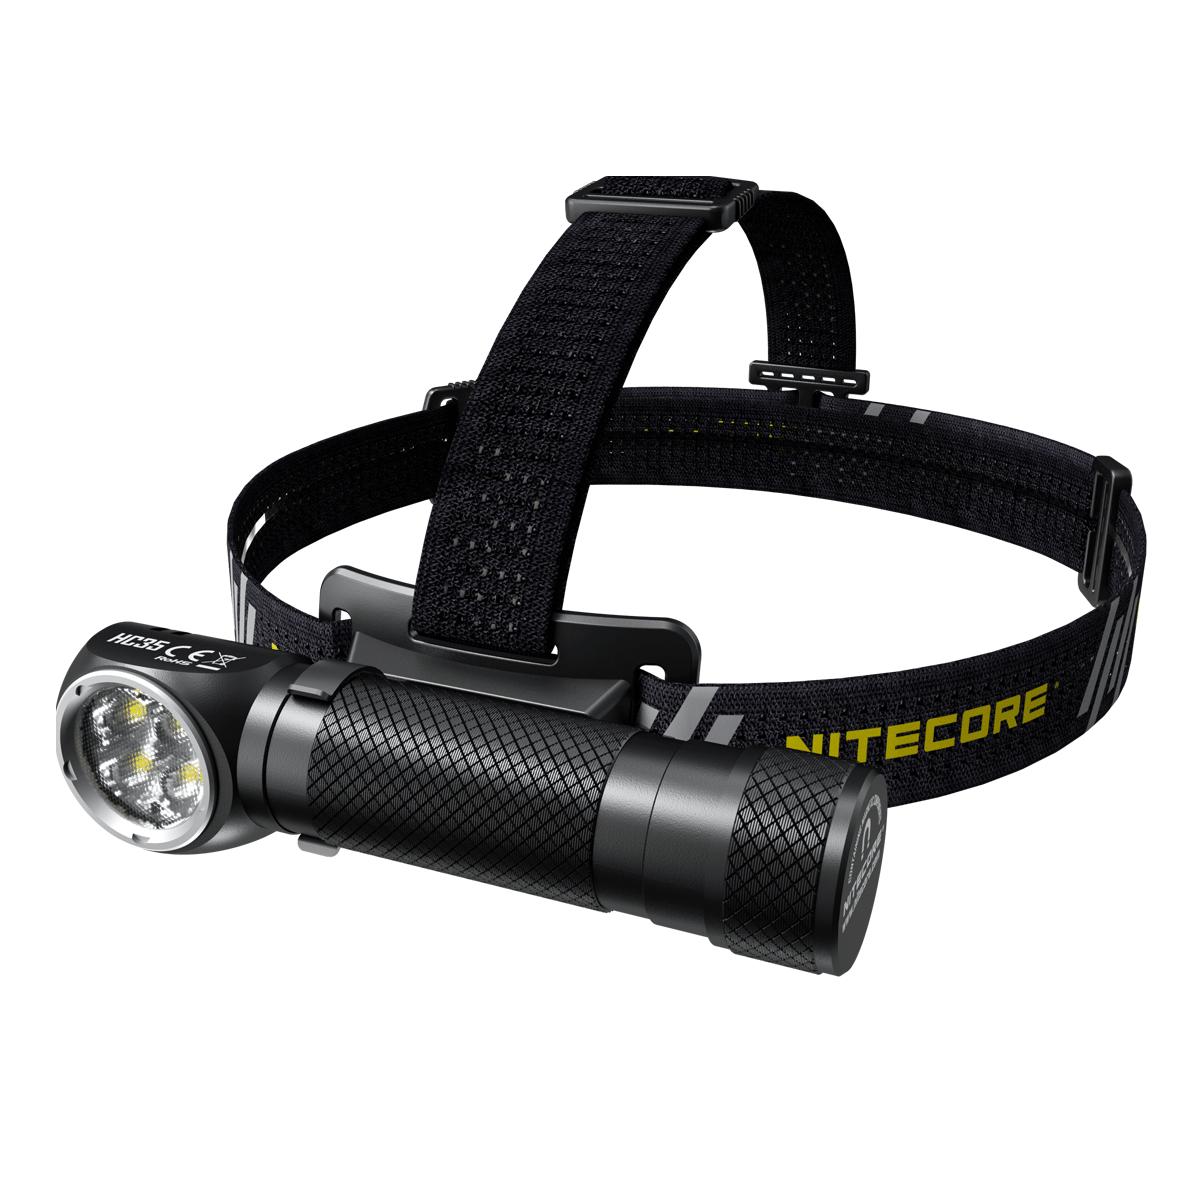 NITECORE HC35 headlamp with magnetic base